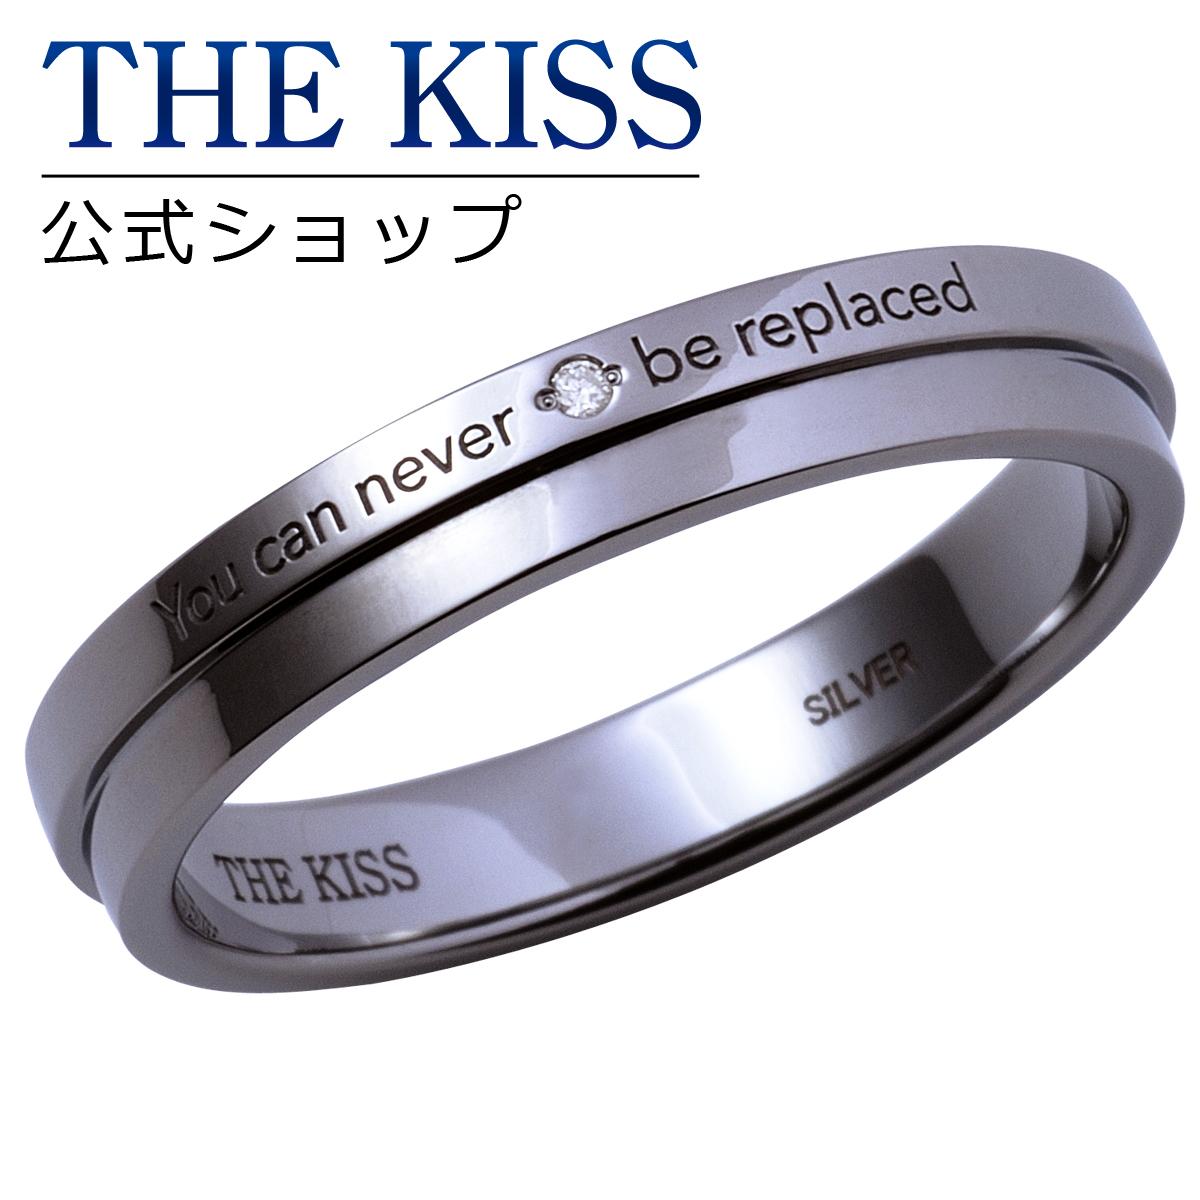 【あす楽対応】【2019年クリスマス限定】THE KISS 公式サイト シルバー ペアリング ( メンズ 単品 ) ペアアクセサリー カップル に 人気 の ジュエリーブランド THEKISS ペア リング・指輪 記念日 プレゼント 2019-03RBK-DM ザキス 【送料無料】